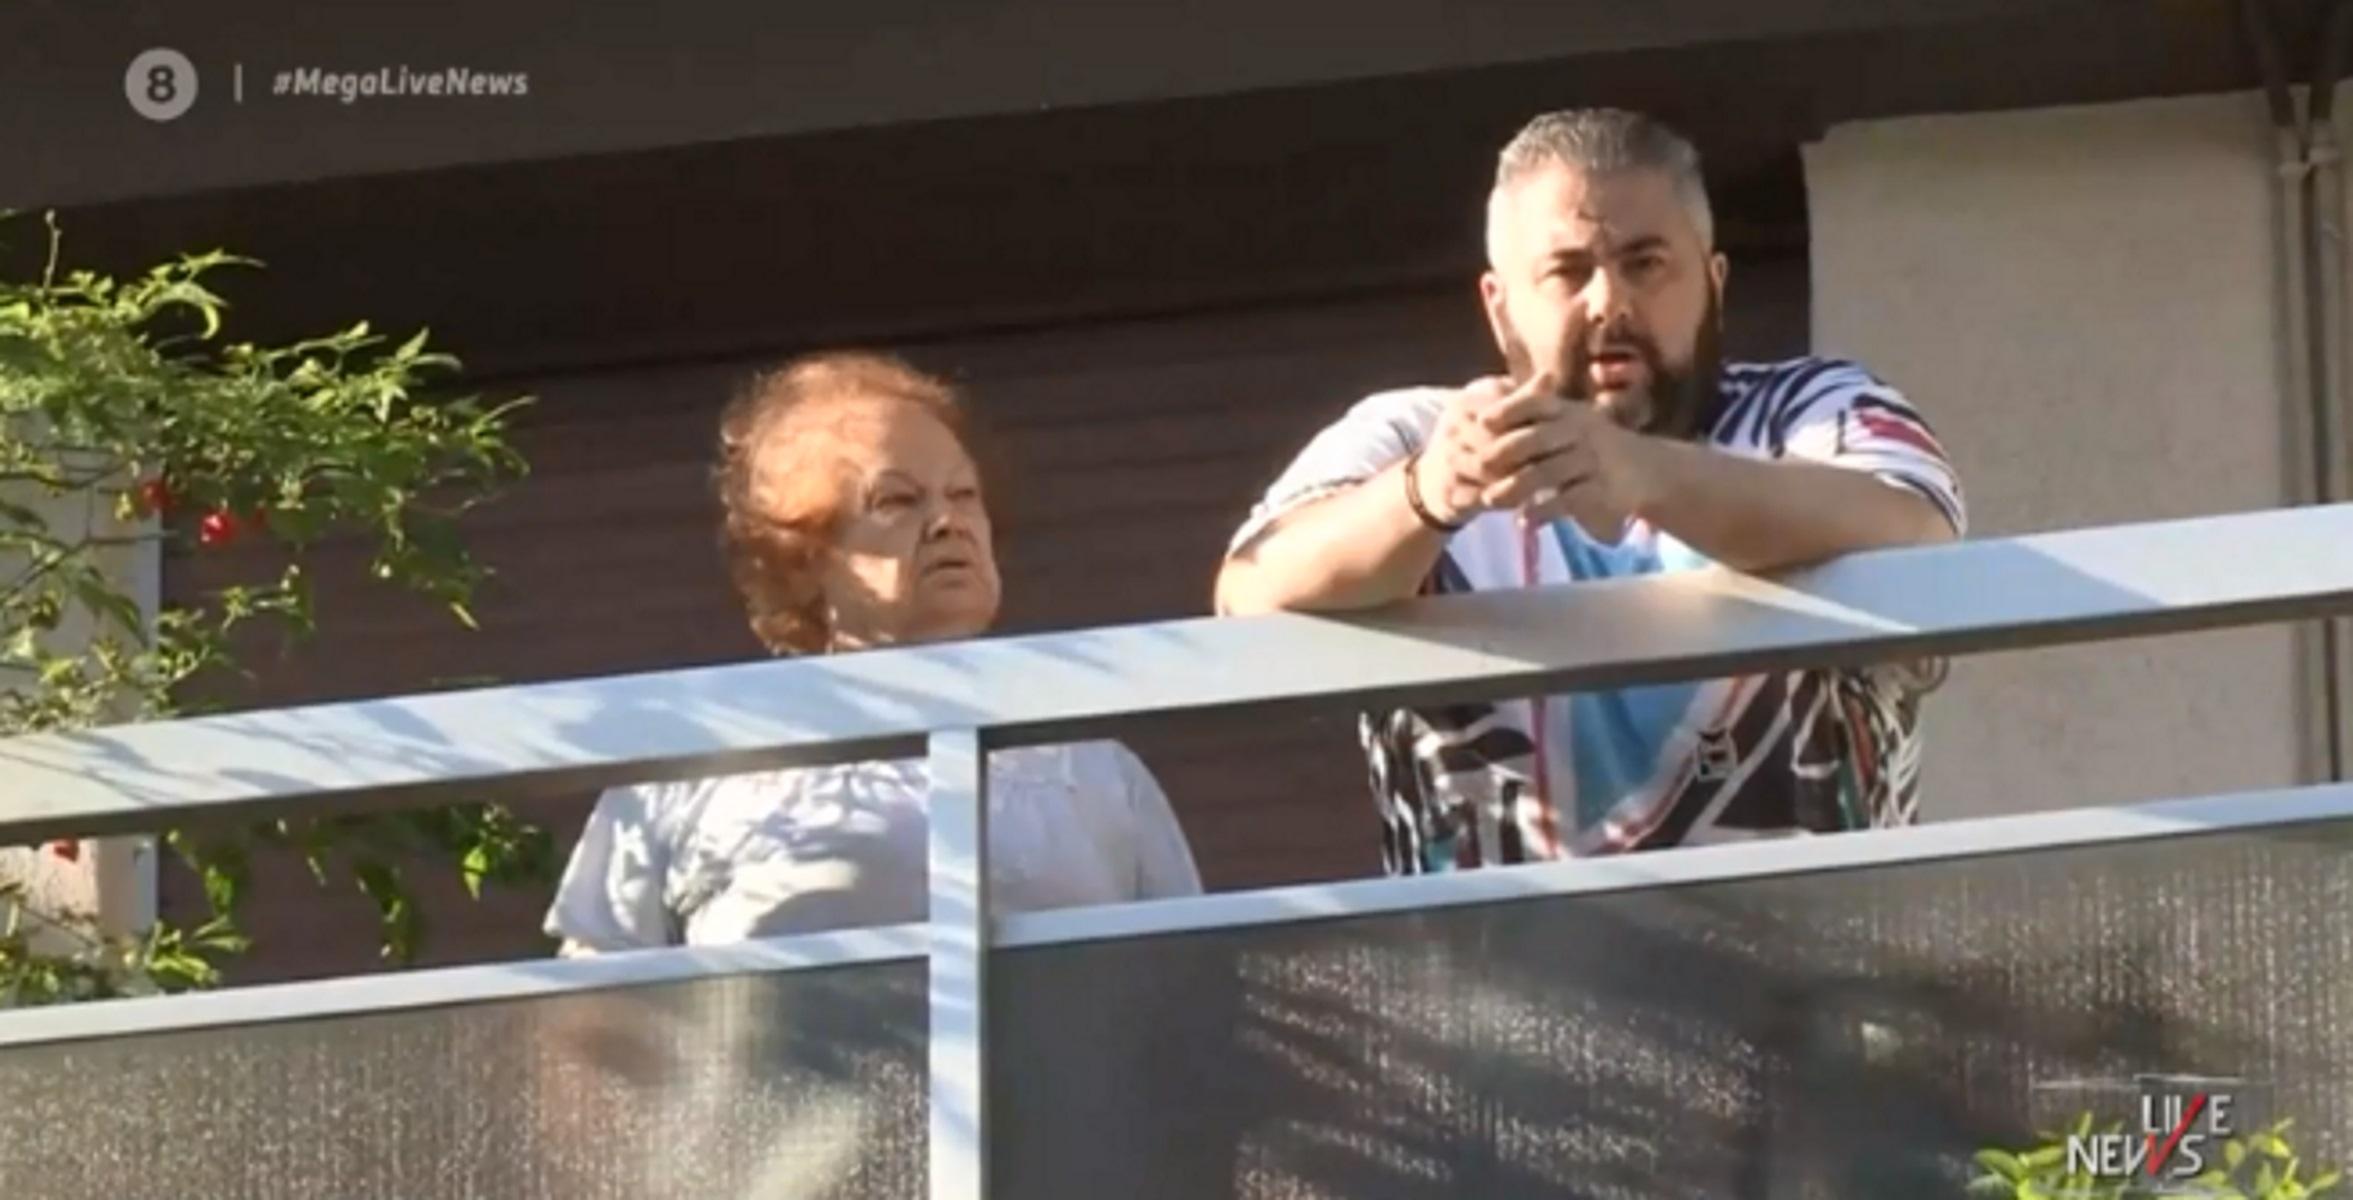 """Θεσσαλονίκη: """"Εγκλωβισμένη"""" με κορονοϊό εδώ και 48 ημέρες – Δεν τη δέχονται σε νοσοκομείο (video)"""